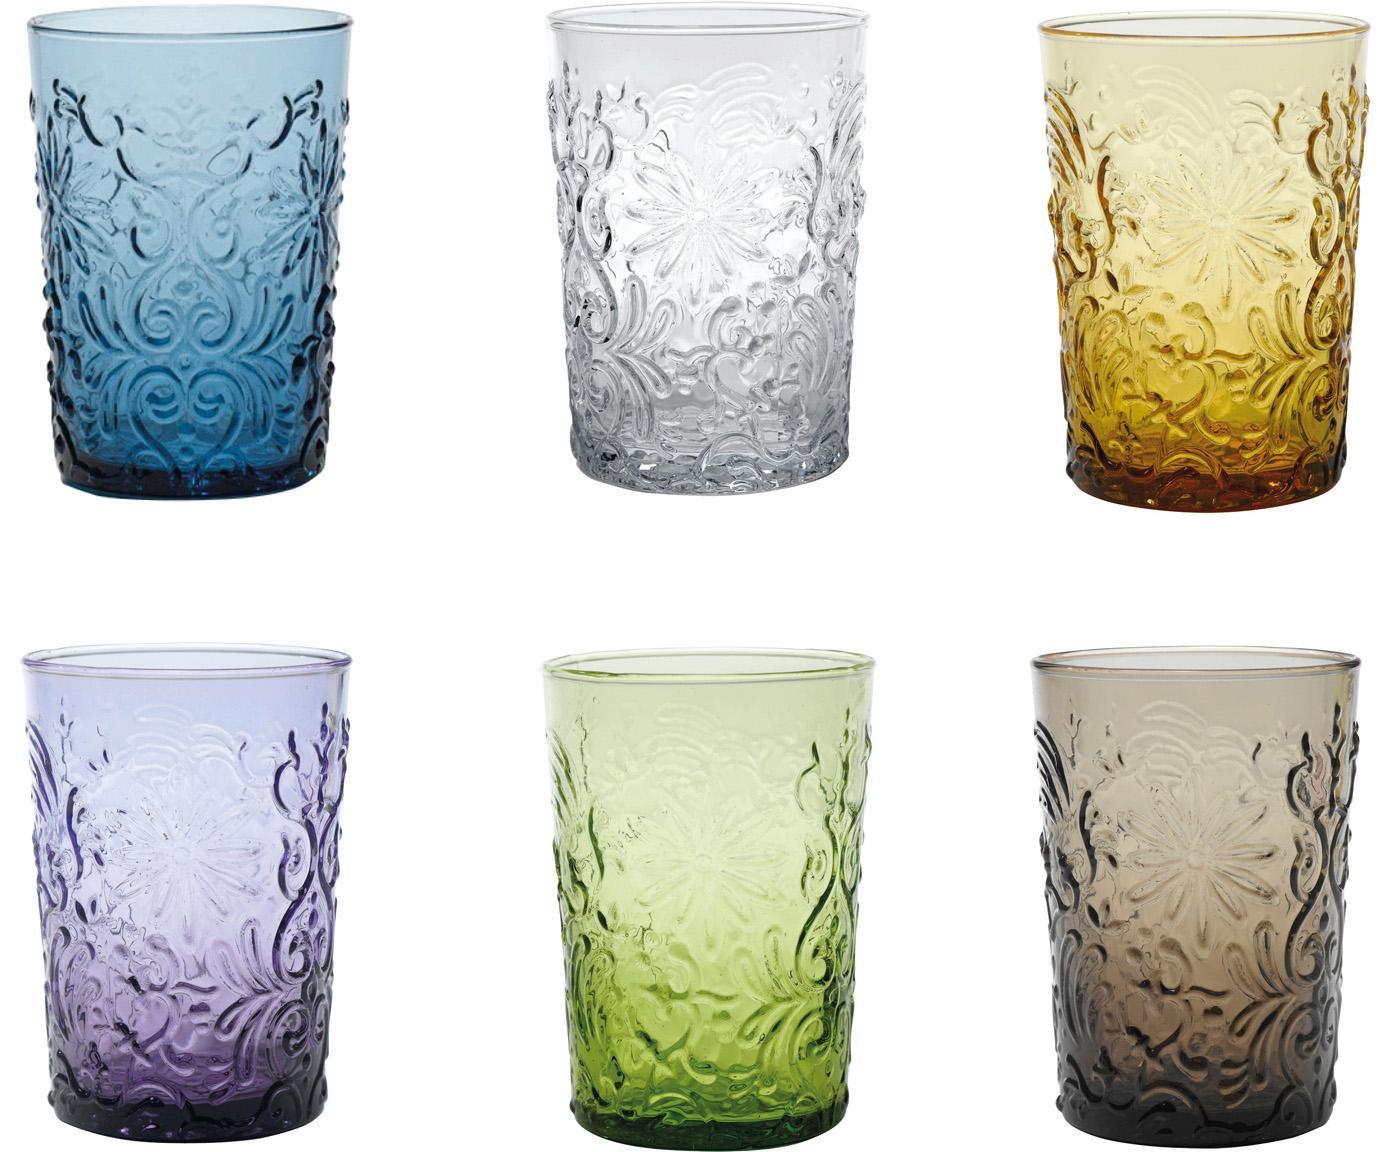 Waterglazenset Barocco met bloemen patroon, 6-delig, Glas, Multicolour, Ø 8 x H 10 cm